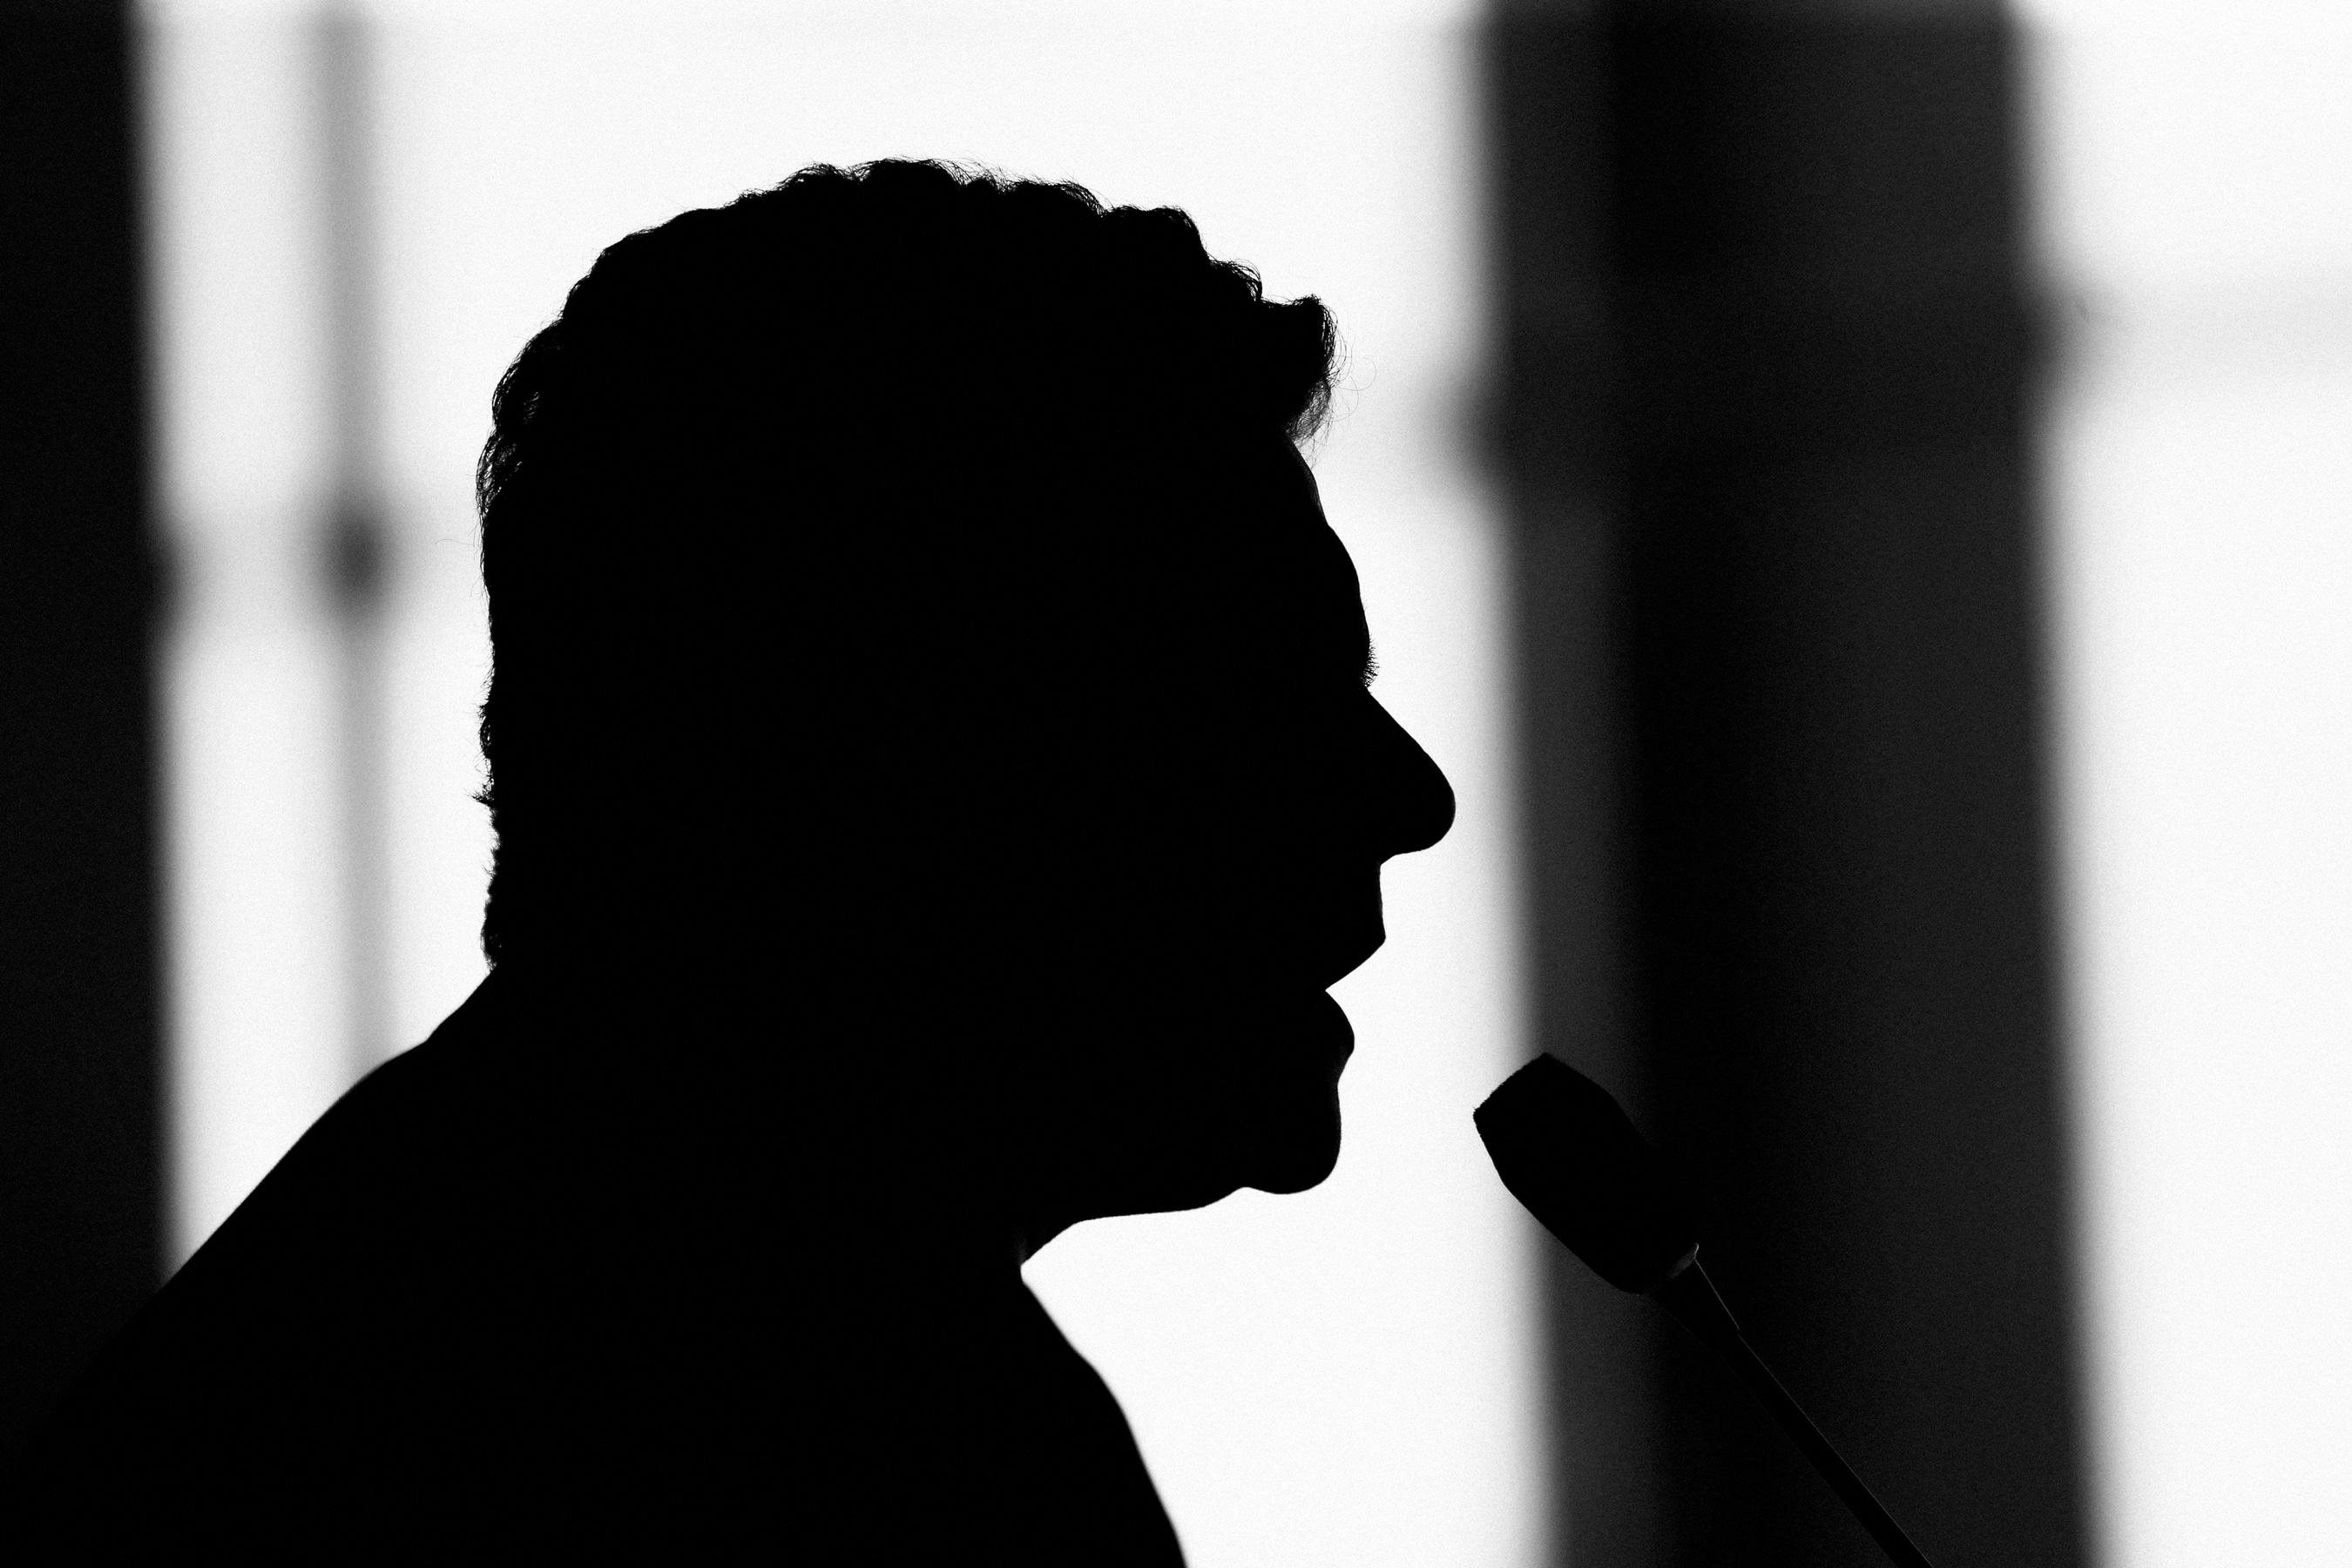 O ministro da Justiça e Segurança Pública, Sérgio Moro, participa da cerimônia de entrega do Selo Nacional de Responsabilidade Social pelo Trabalho no Sistema Prisional.